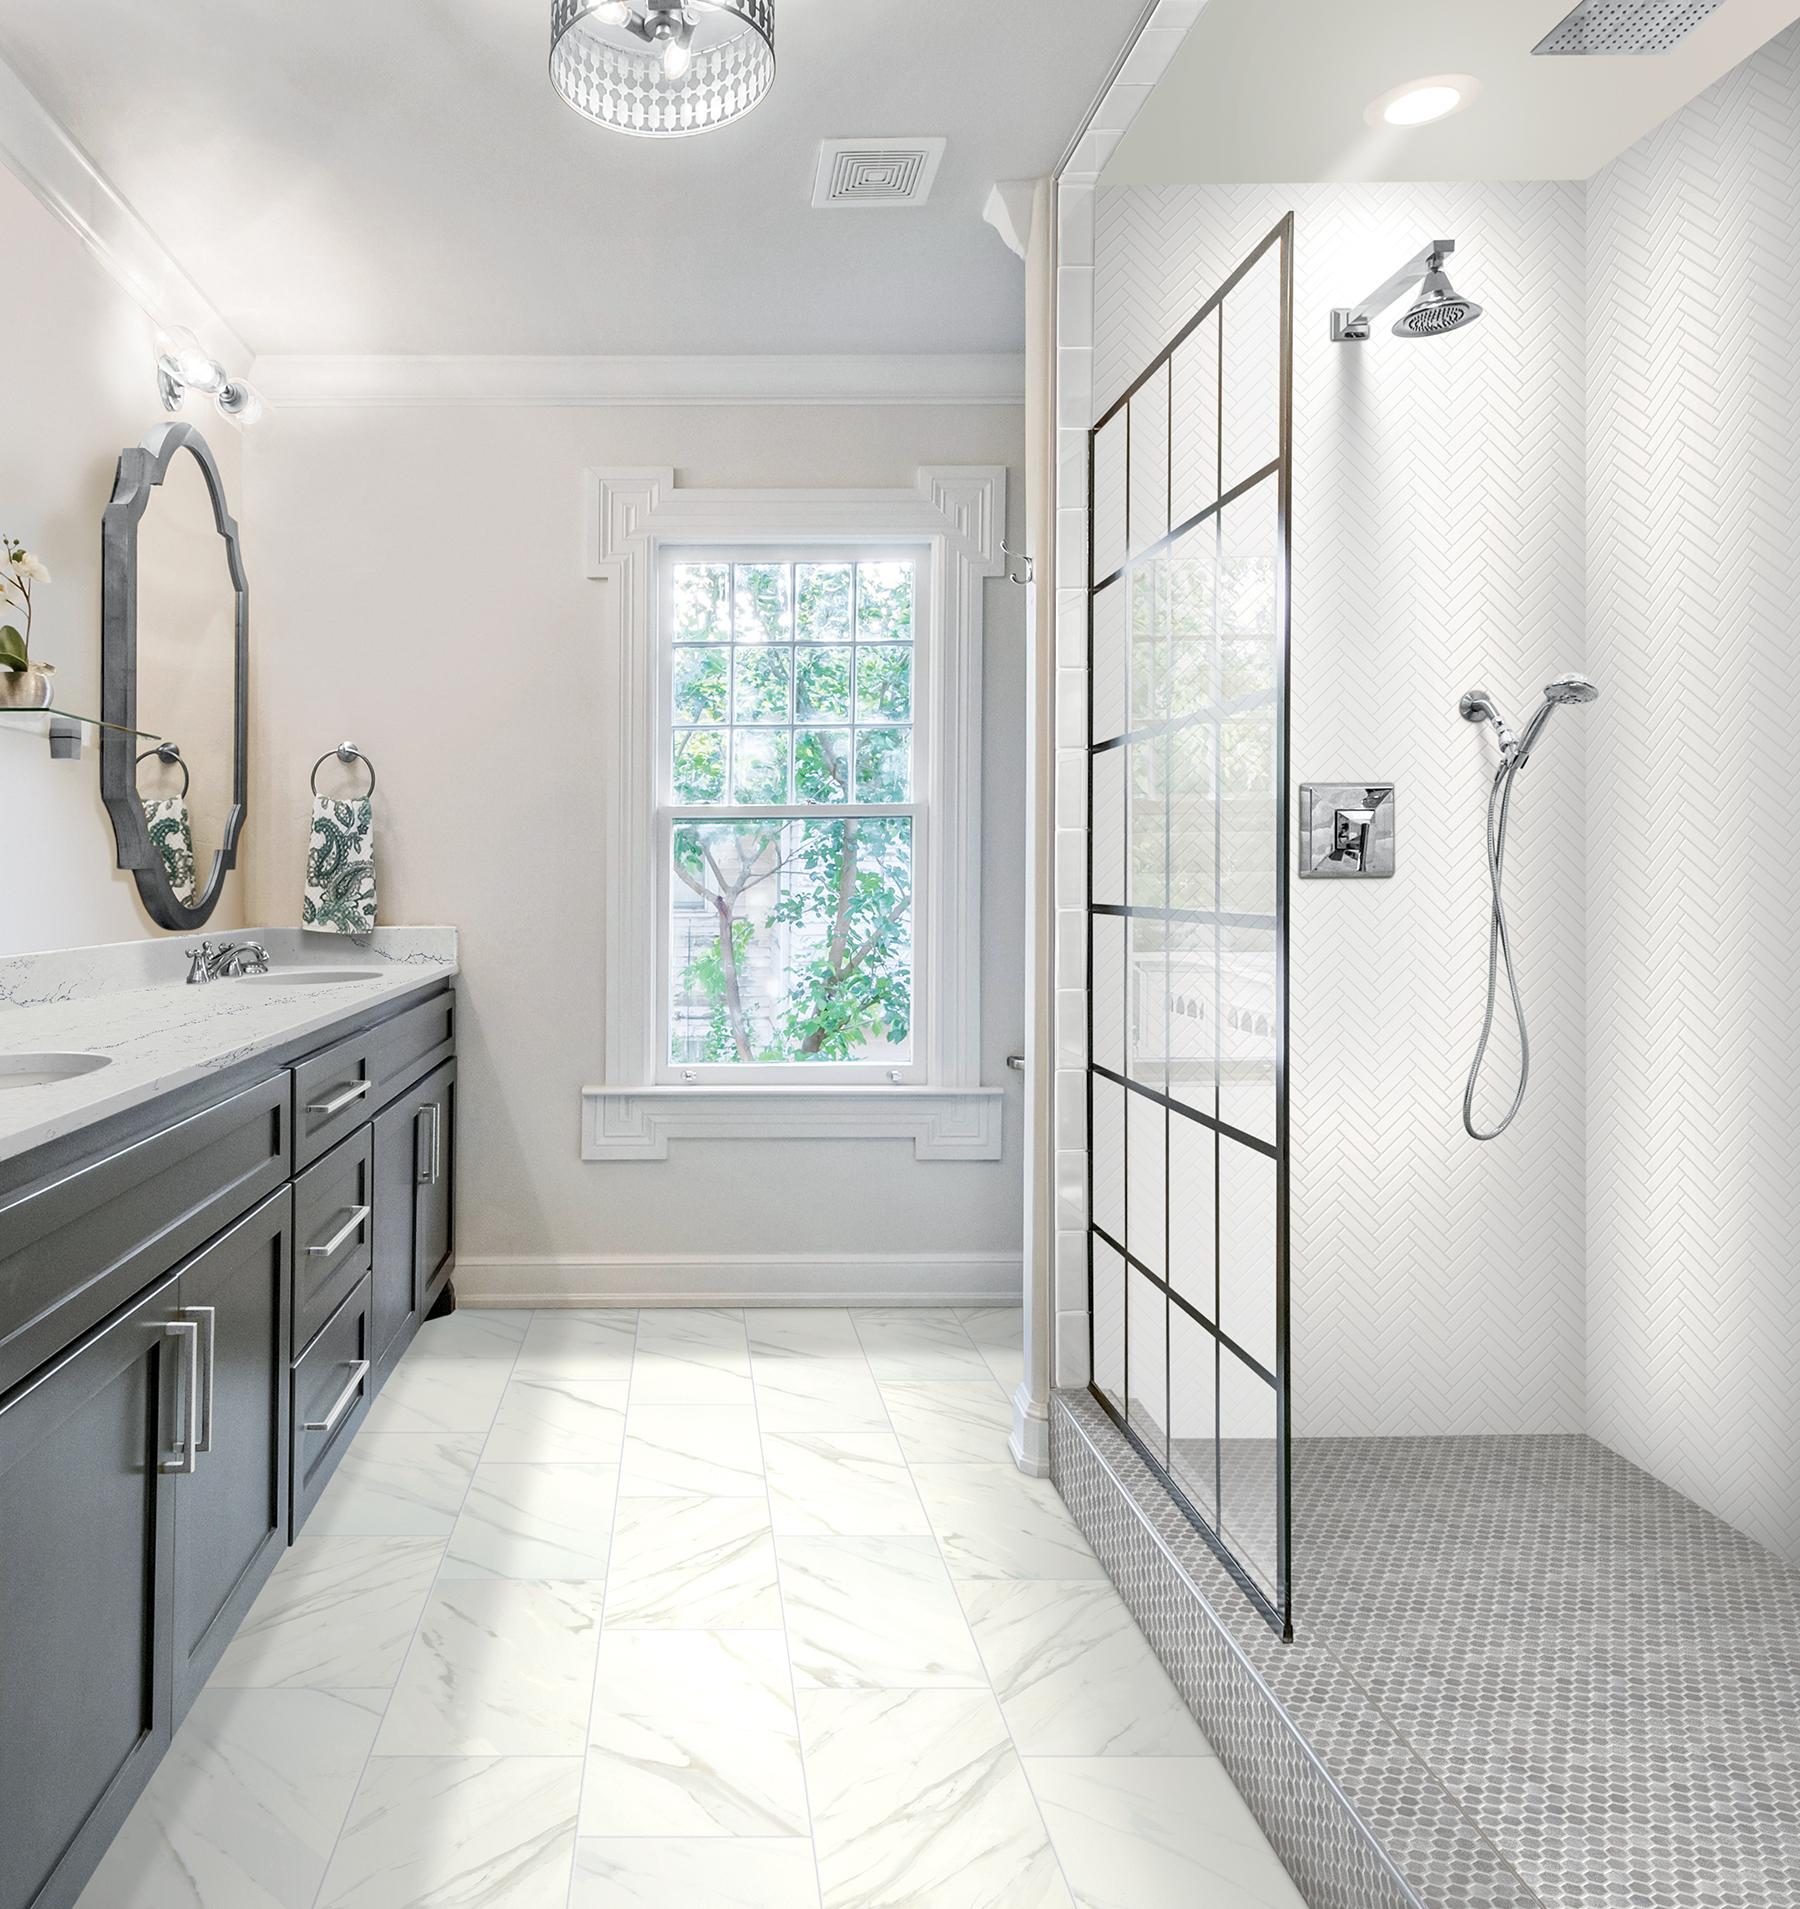 ceramic tile floor that installs twice